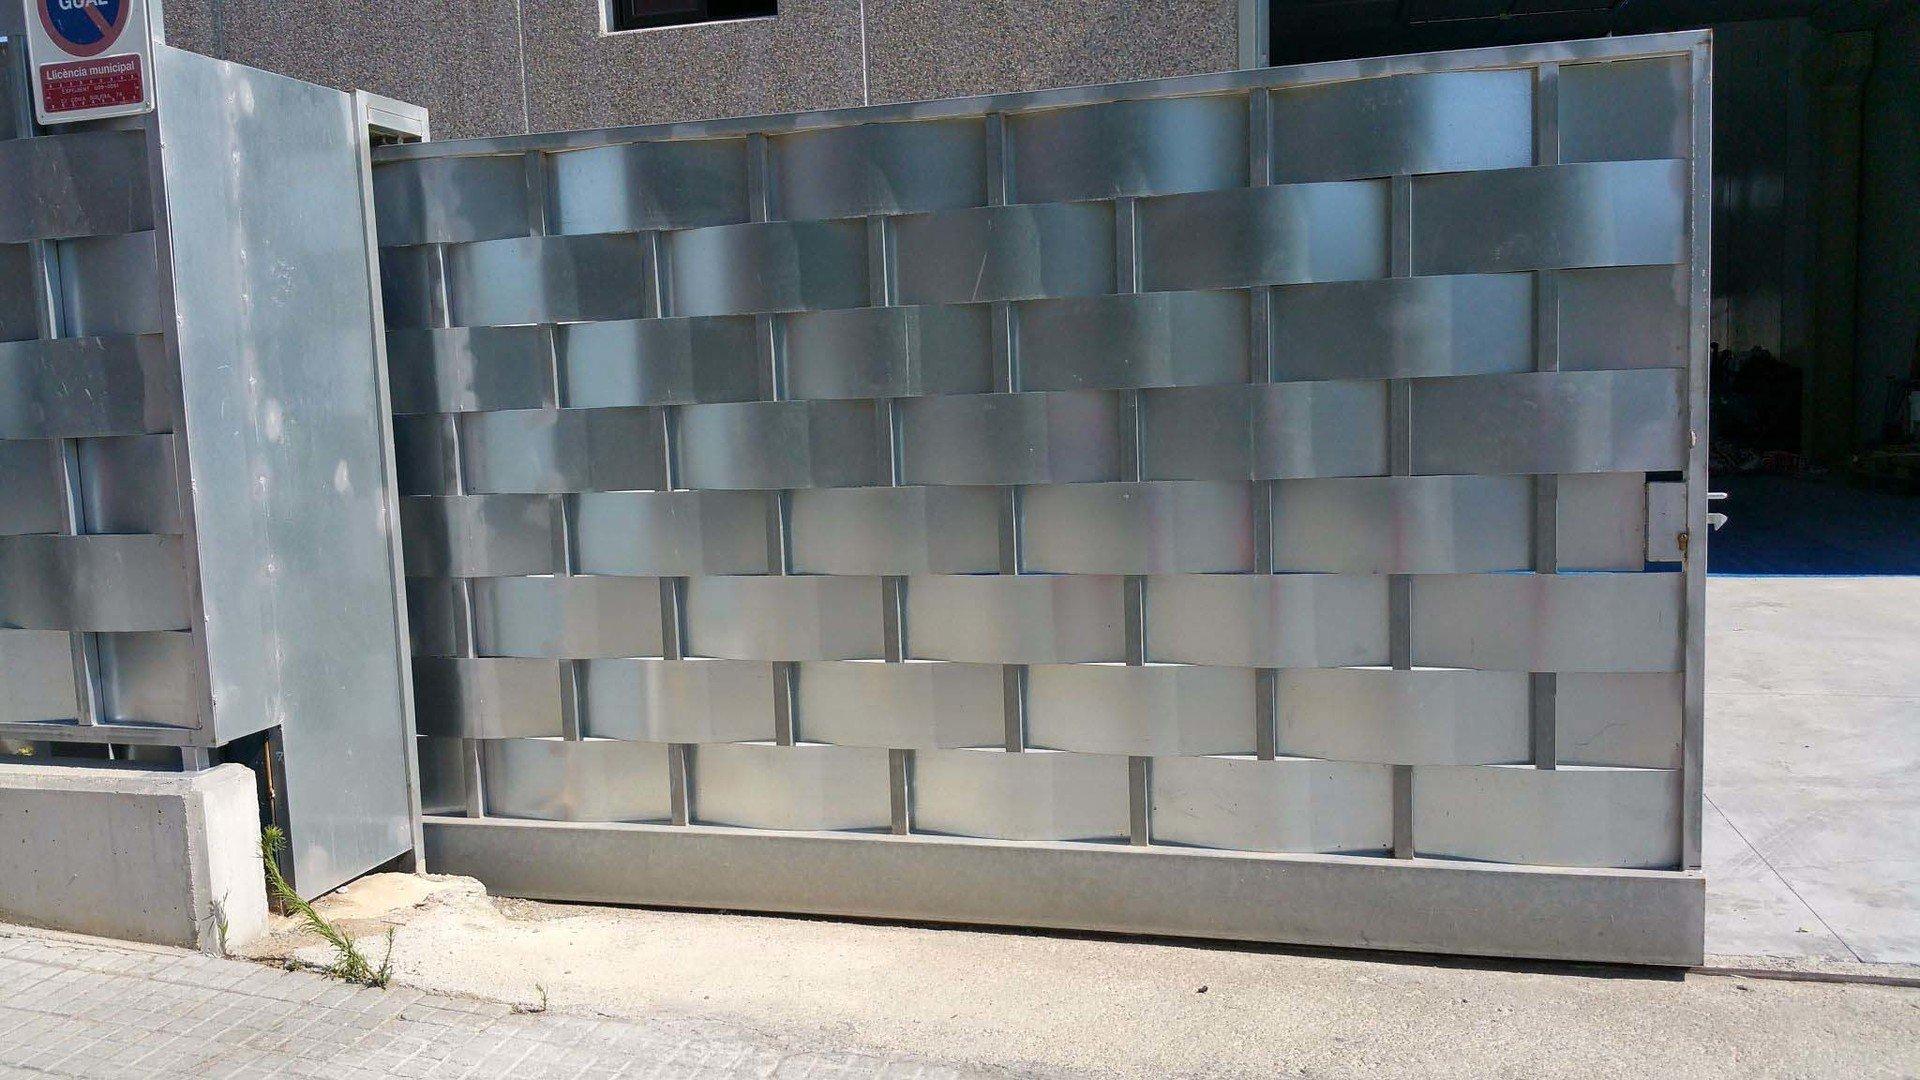 Venta e instalaci n puertas met licas correderas - Puertas para cerramientos ...